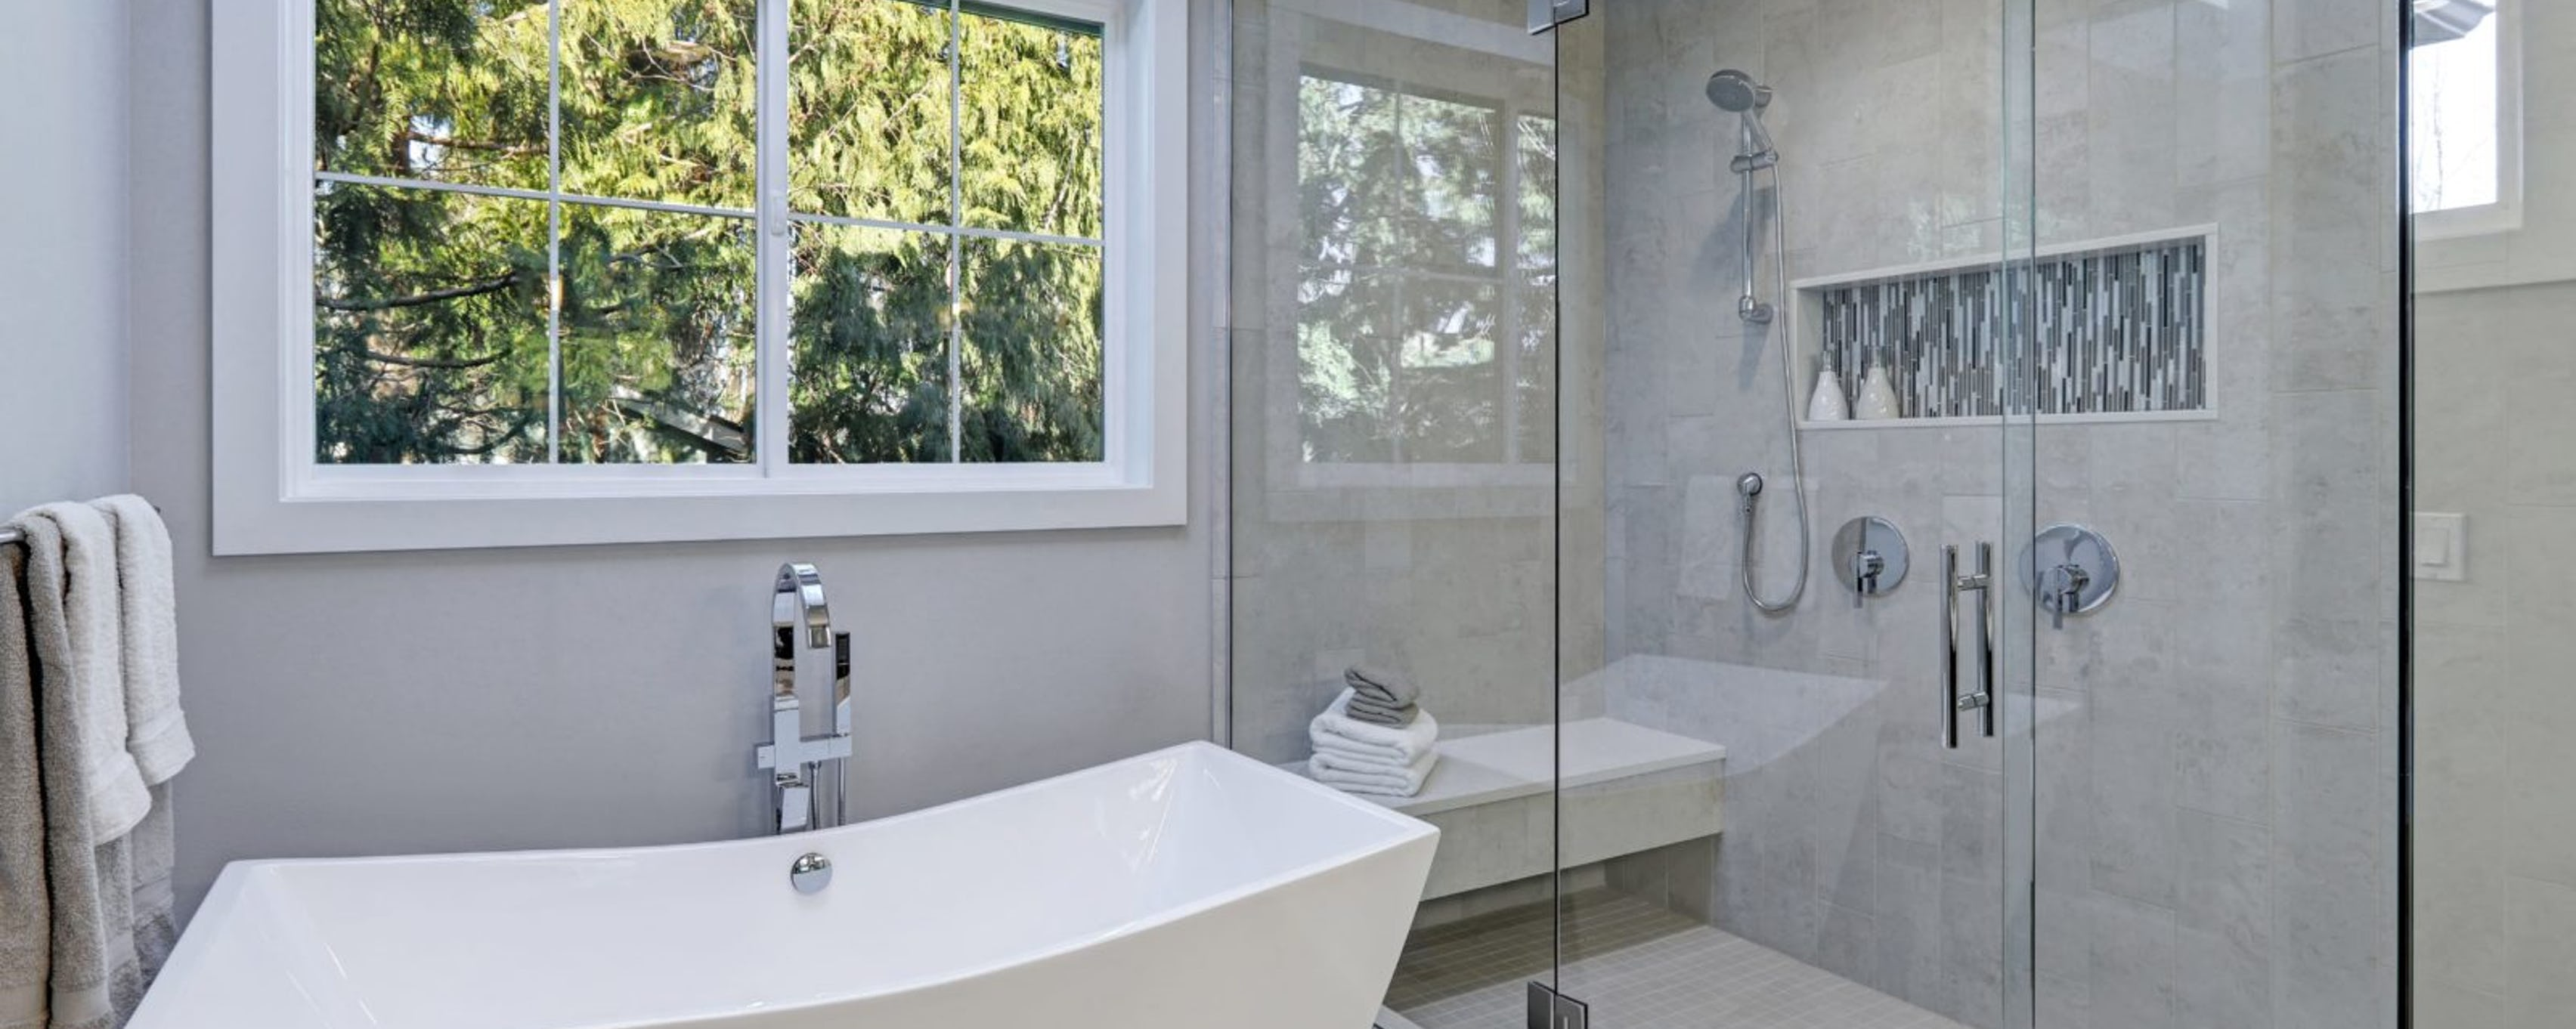 Refaire sa salle de bain : équipements, prix et travaux.